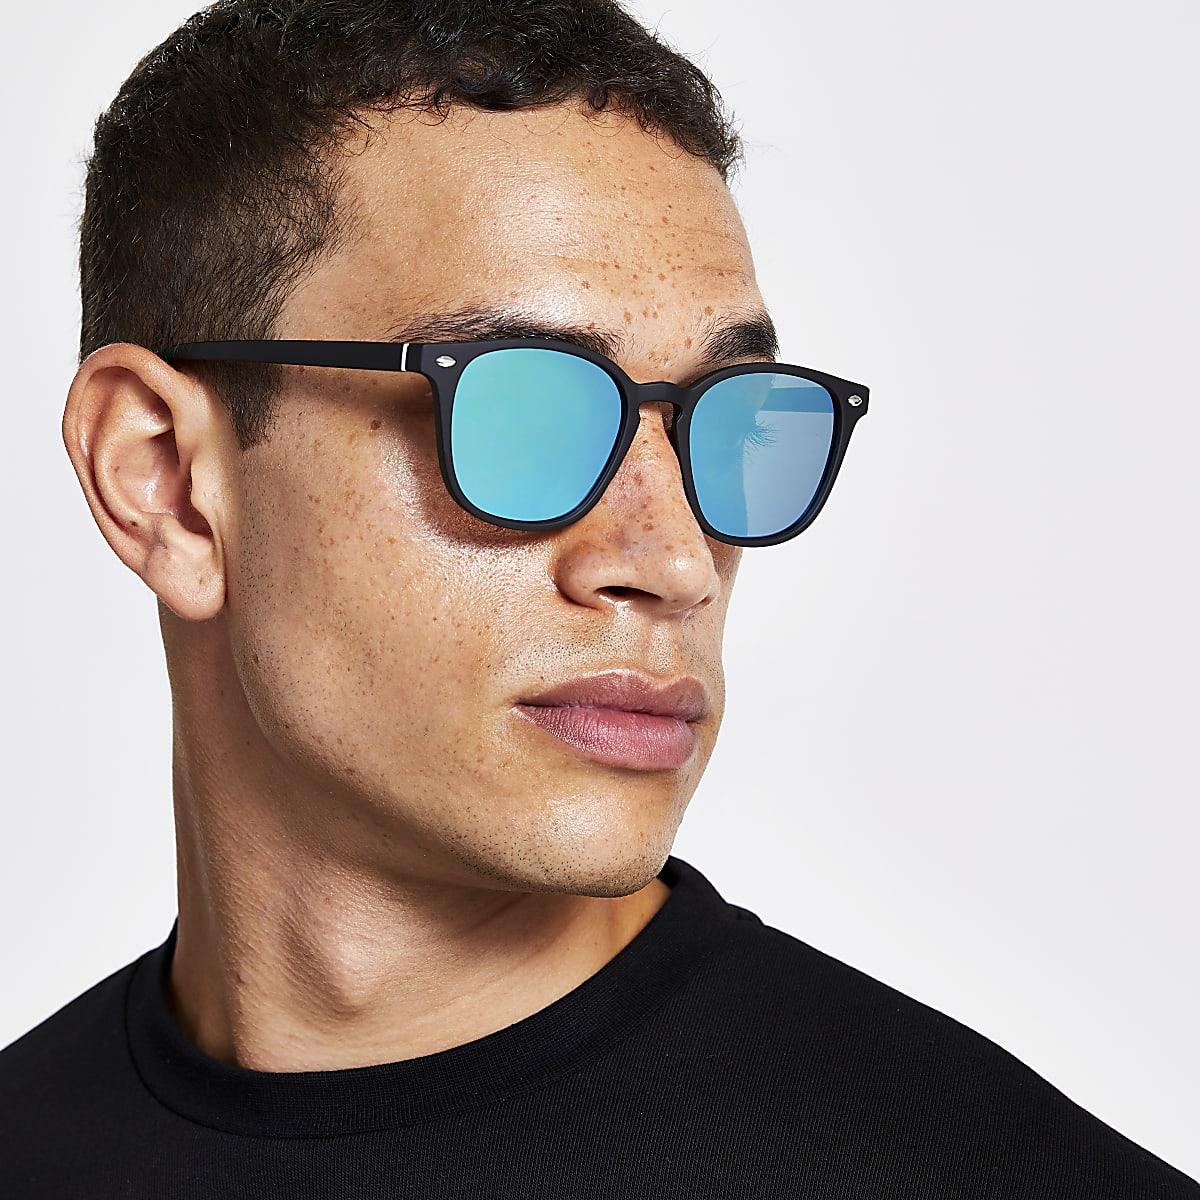 Zwarte zonnebril met smal retro vierkant montuur